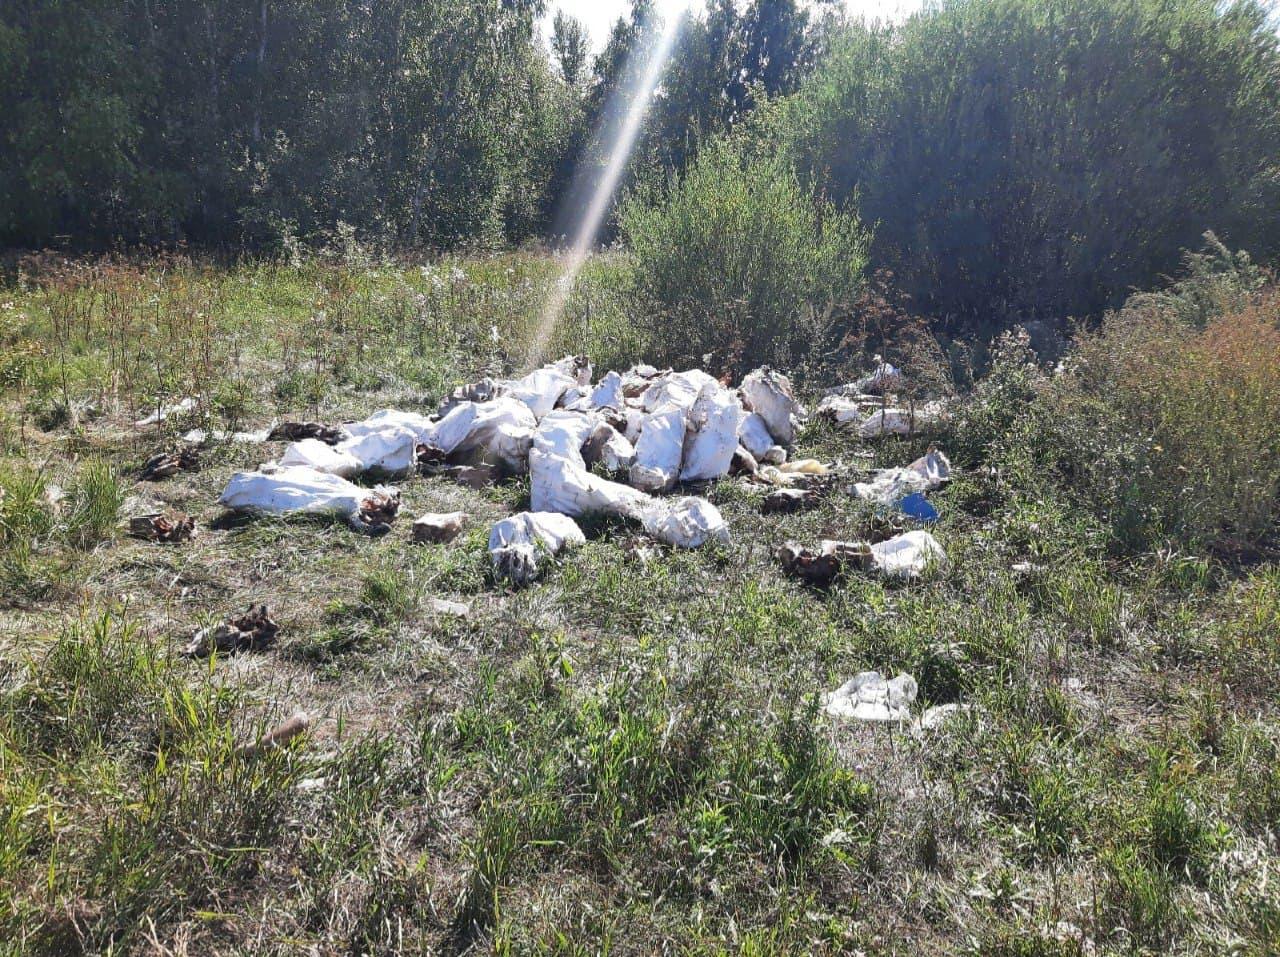 В Омске нашли две свалки с черепами #Новости #Общество #Омск